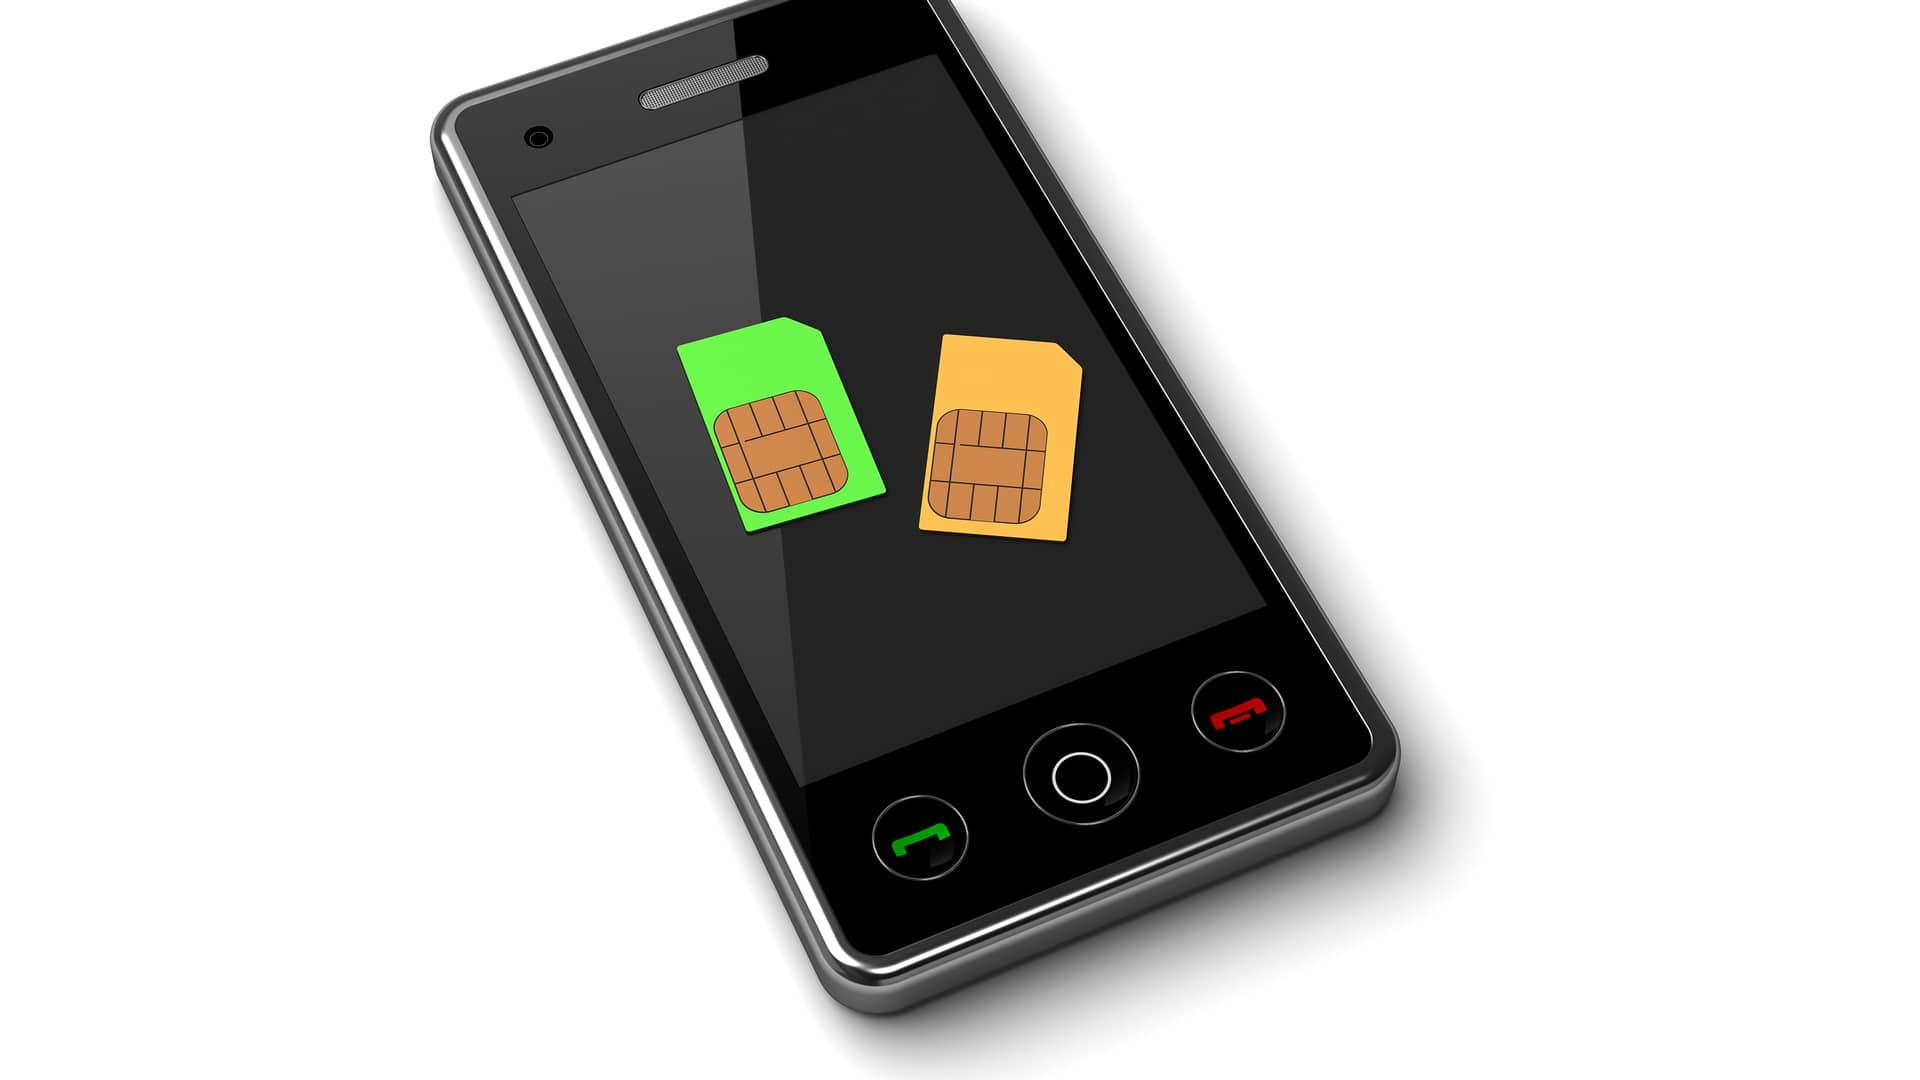 Tarjeta MultiSIM de Euskaltel: precio y tarifas